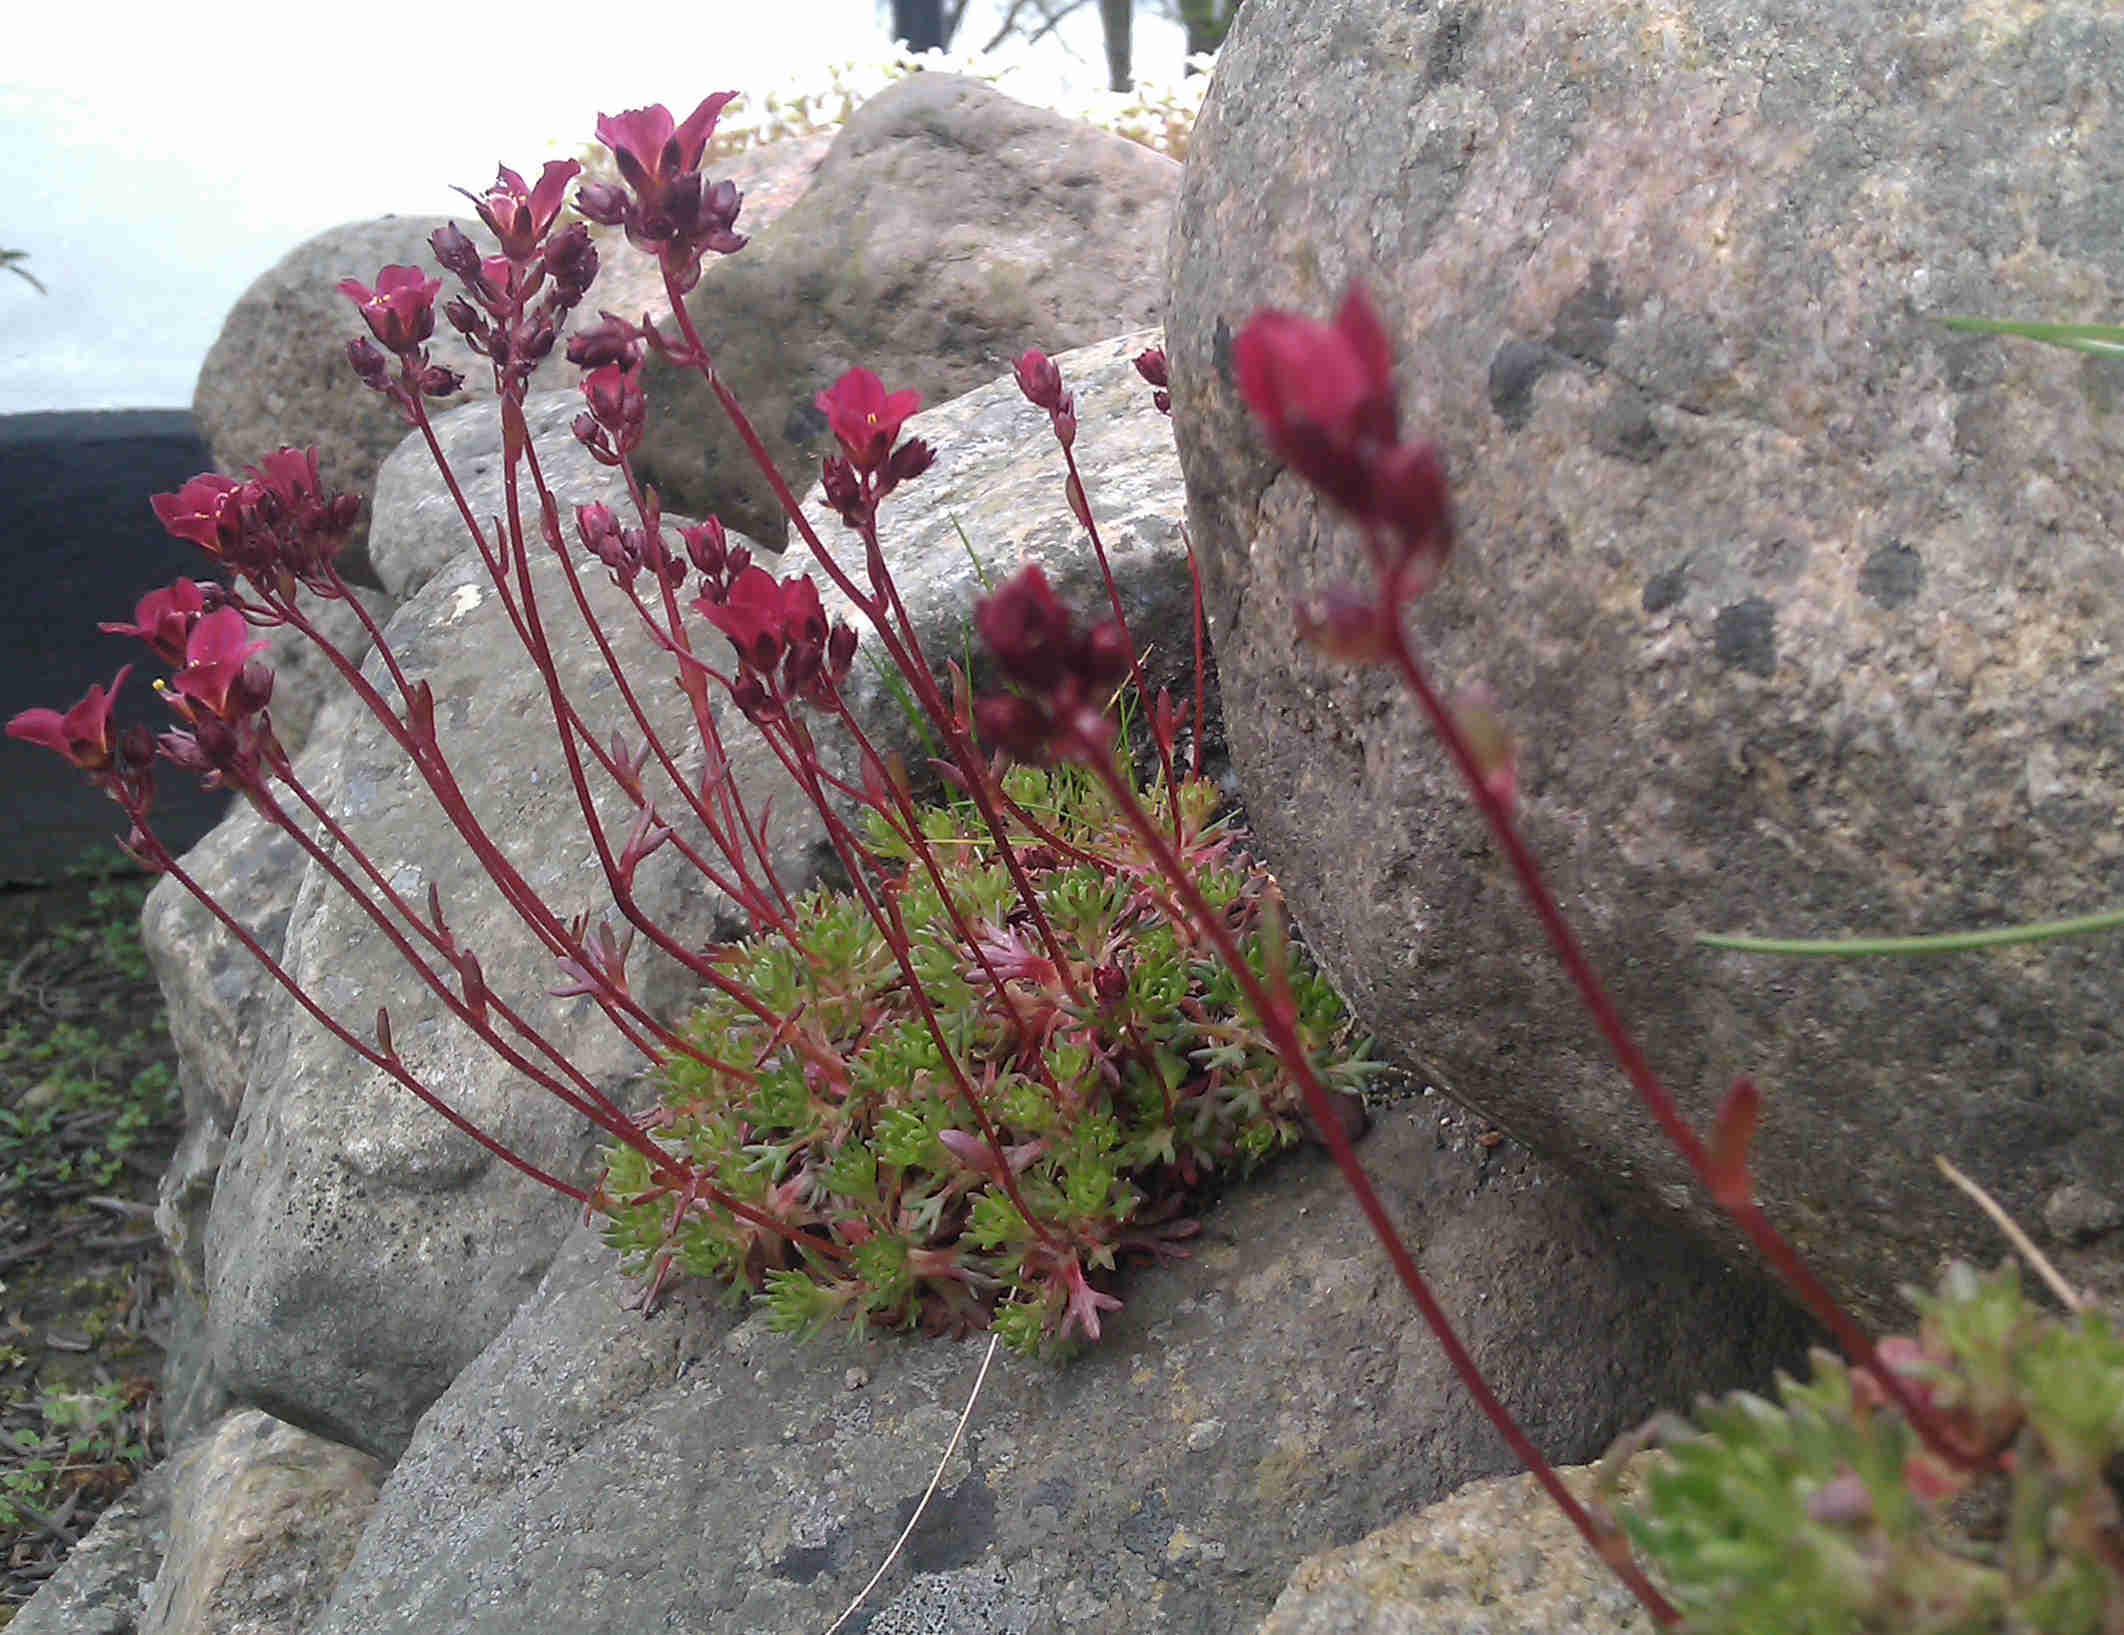 Saxifragan har stora blommor på smala blomskaft.